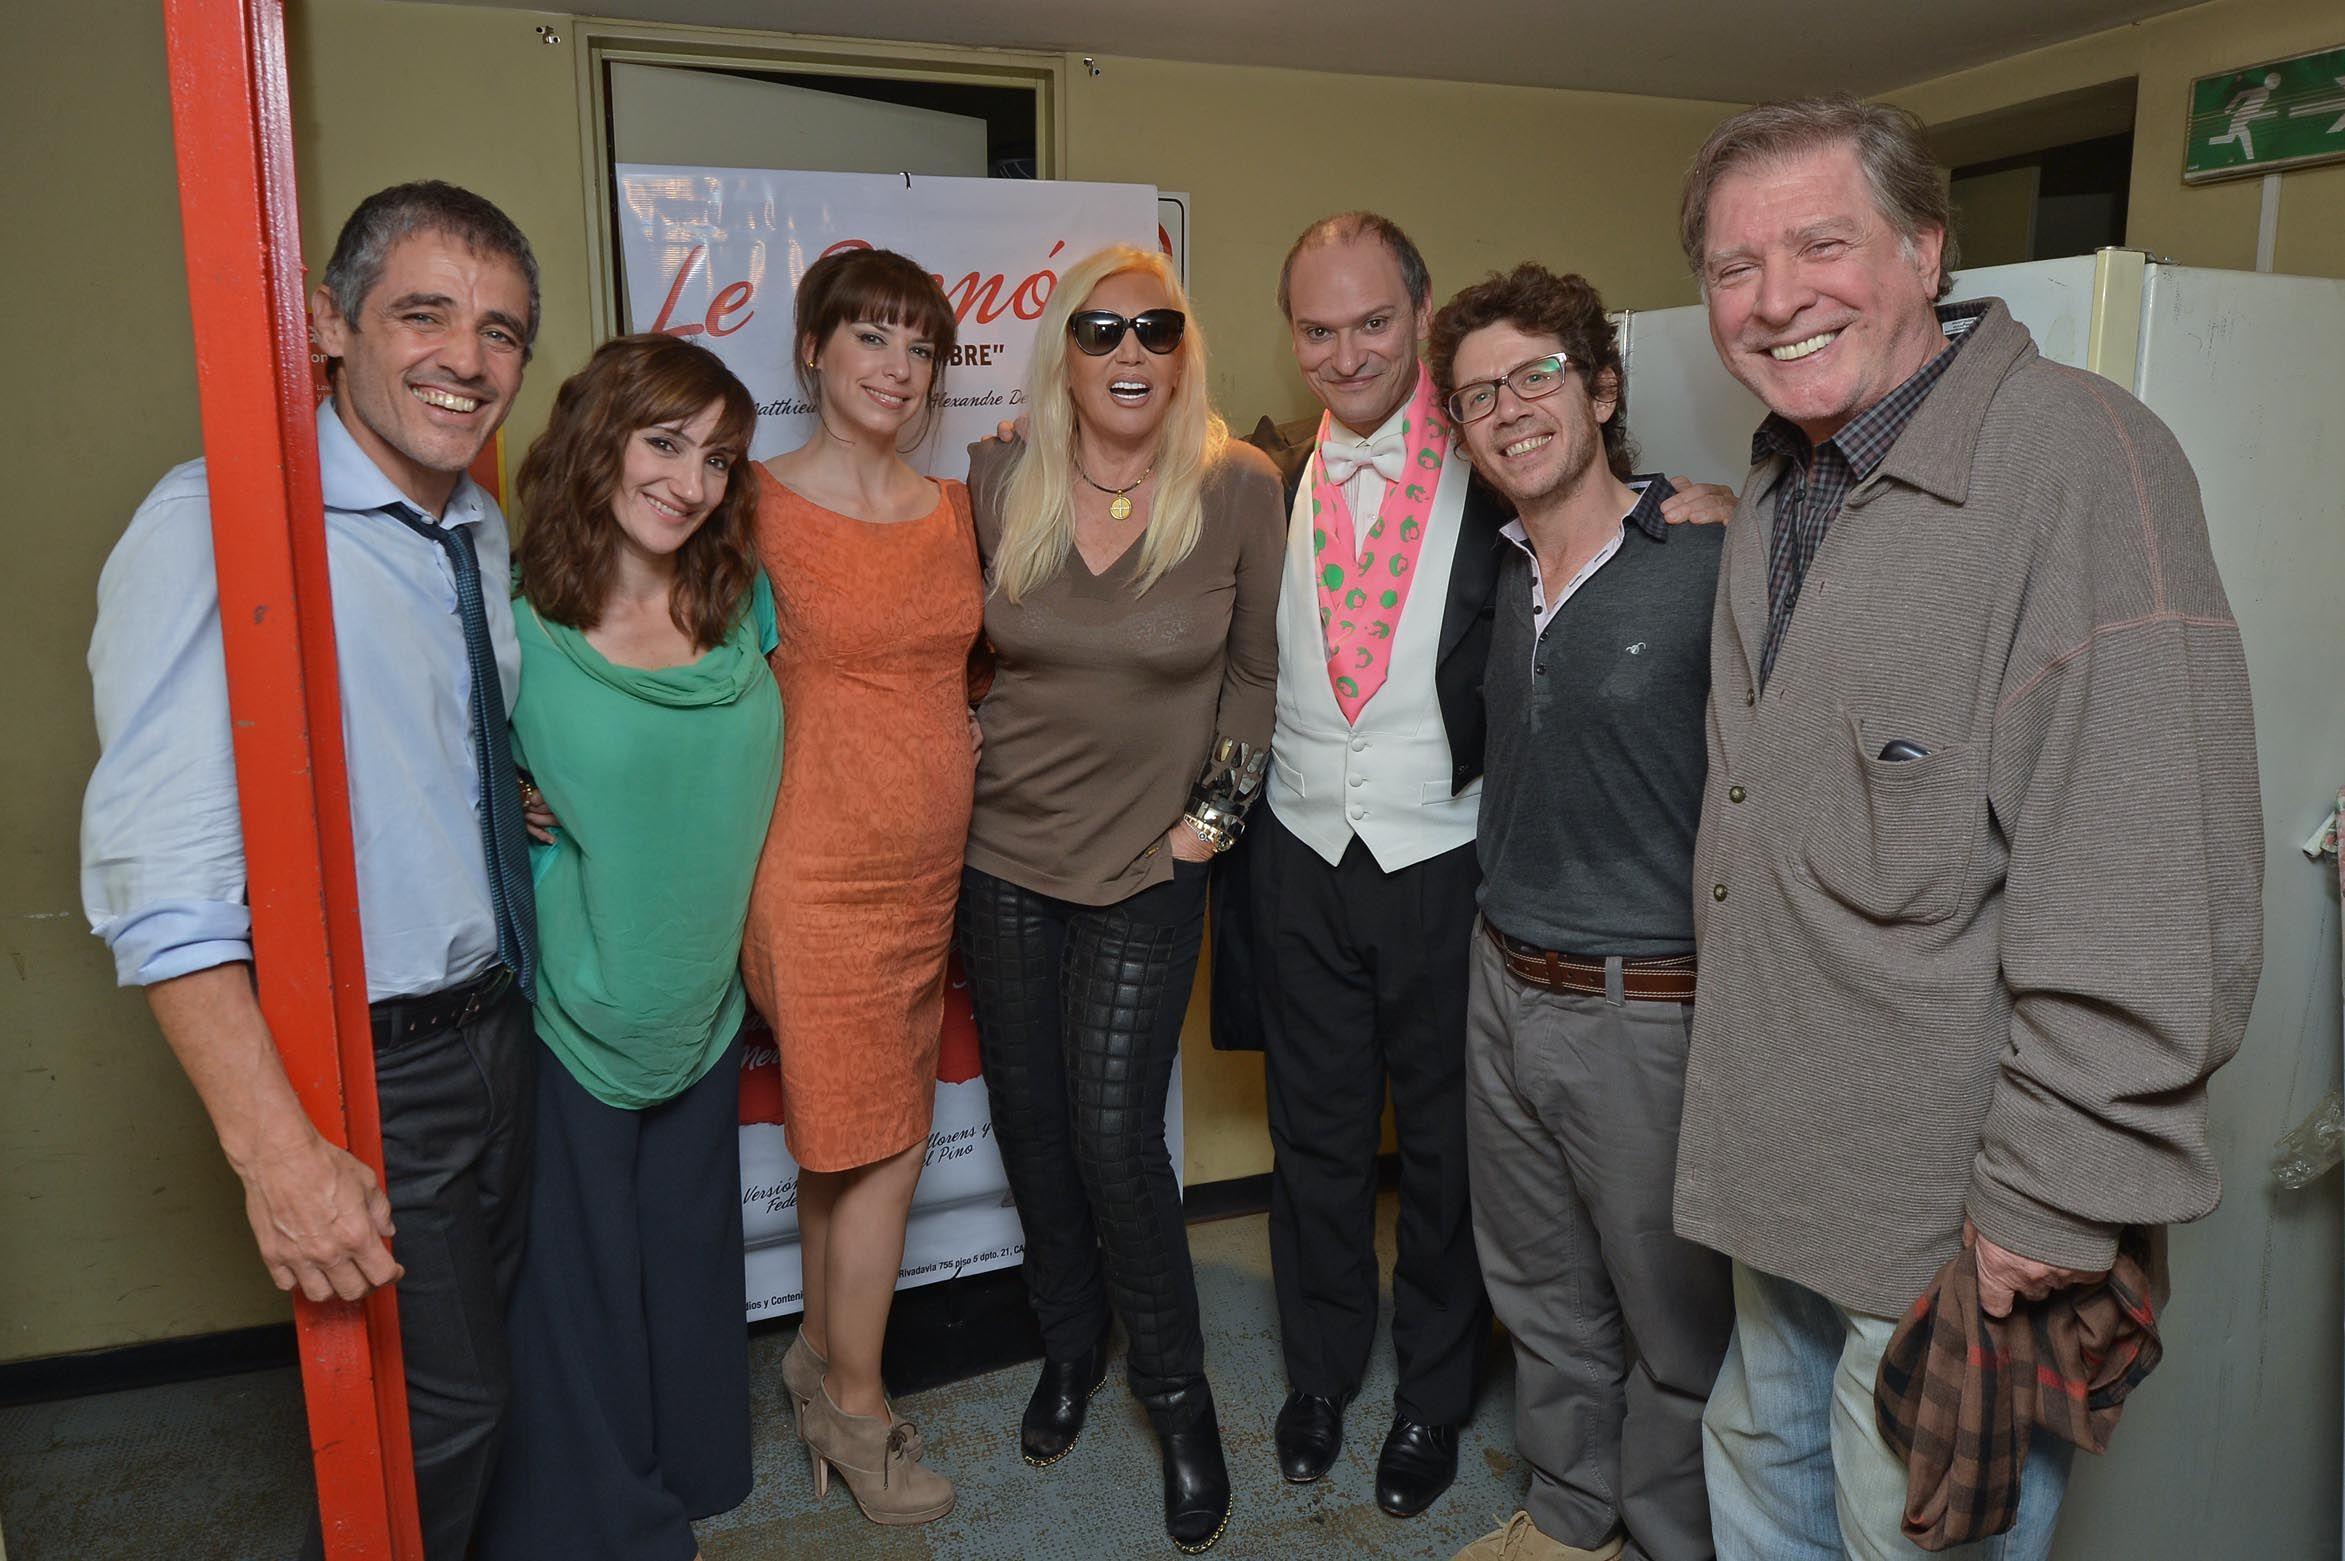 Susana Giménez presenció este domingo la función de Le Prenom en el Multiteatro